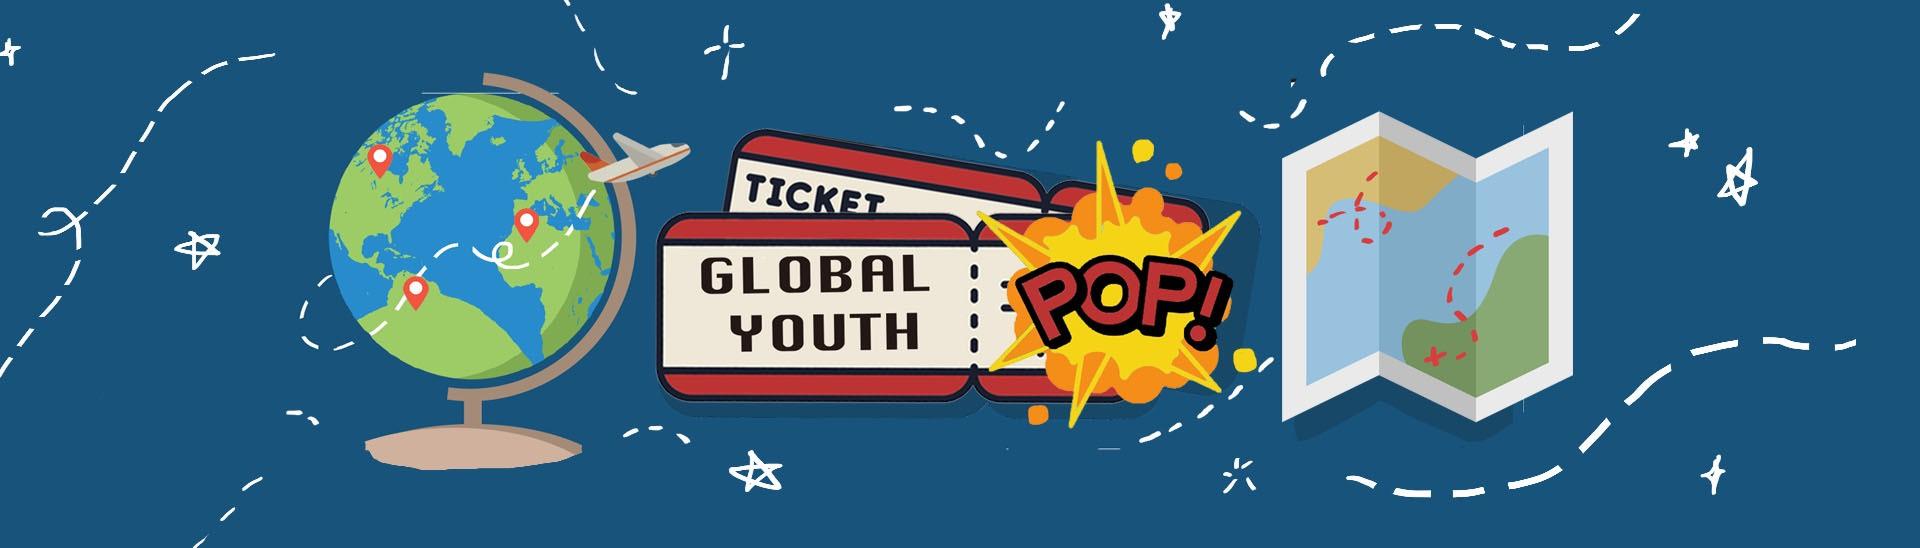 超牆青年 X Global yoth pop!